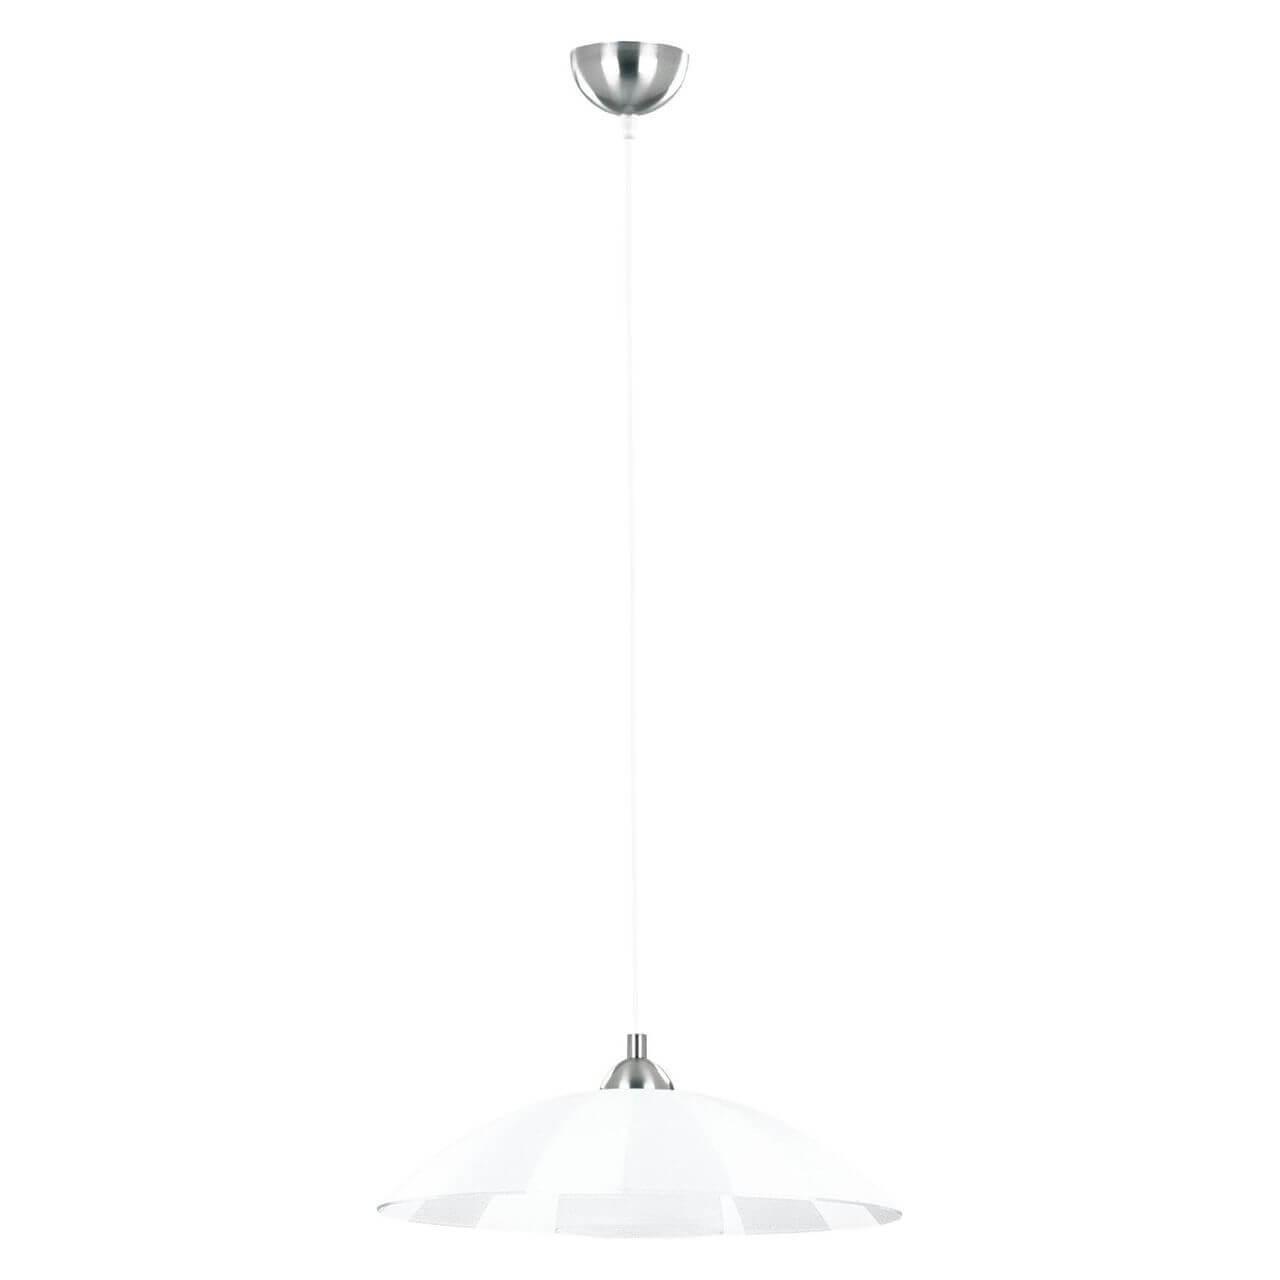 цена на Подвесной светильник Alfa 10194, E27, 60 Вт